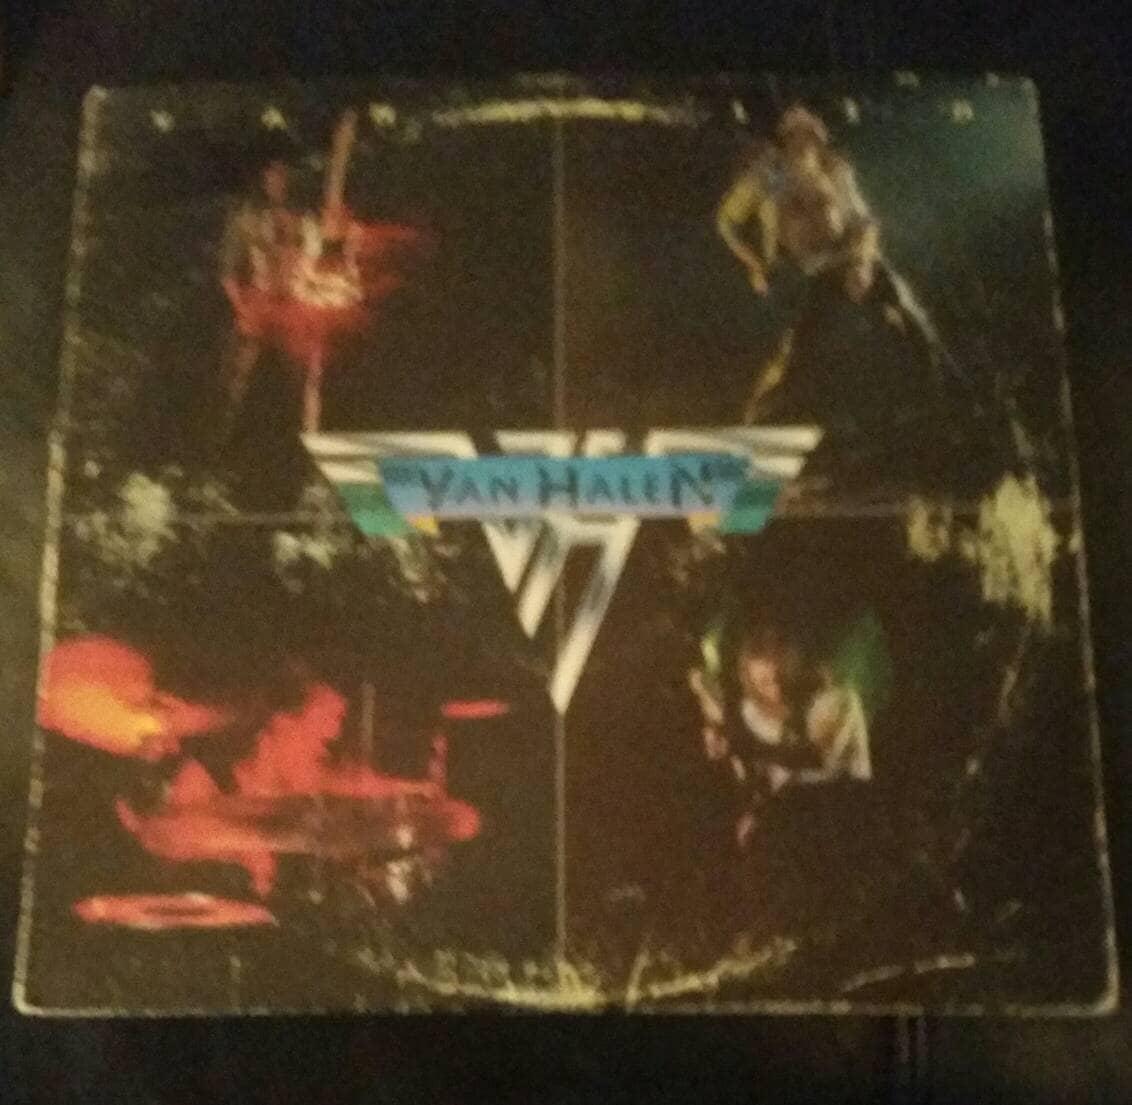 842622336f0 Van Halen Vinyl 1st Album 1st US Press Release1978 Van